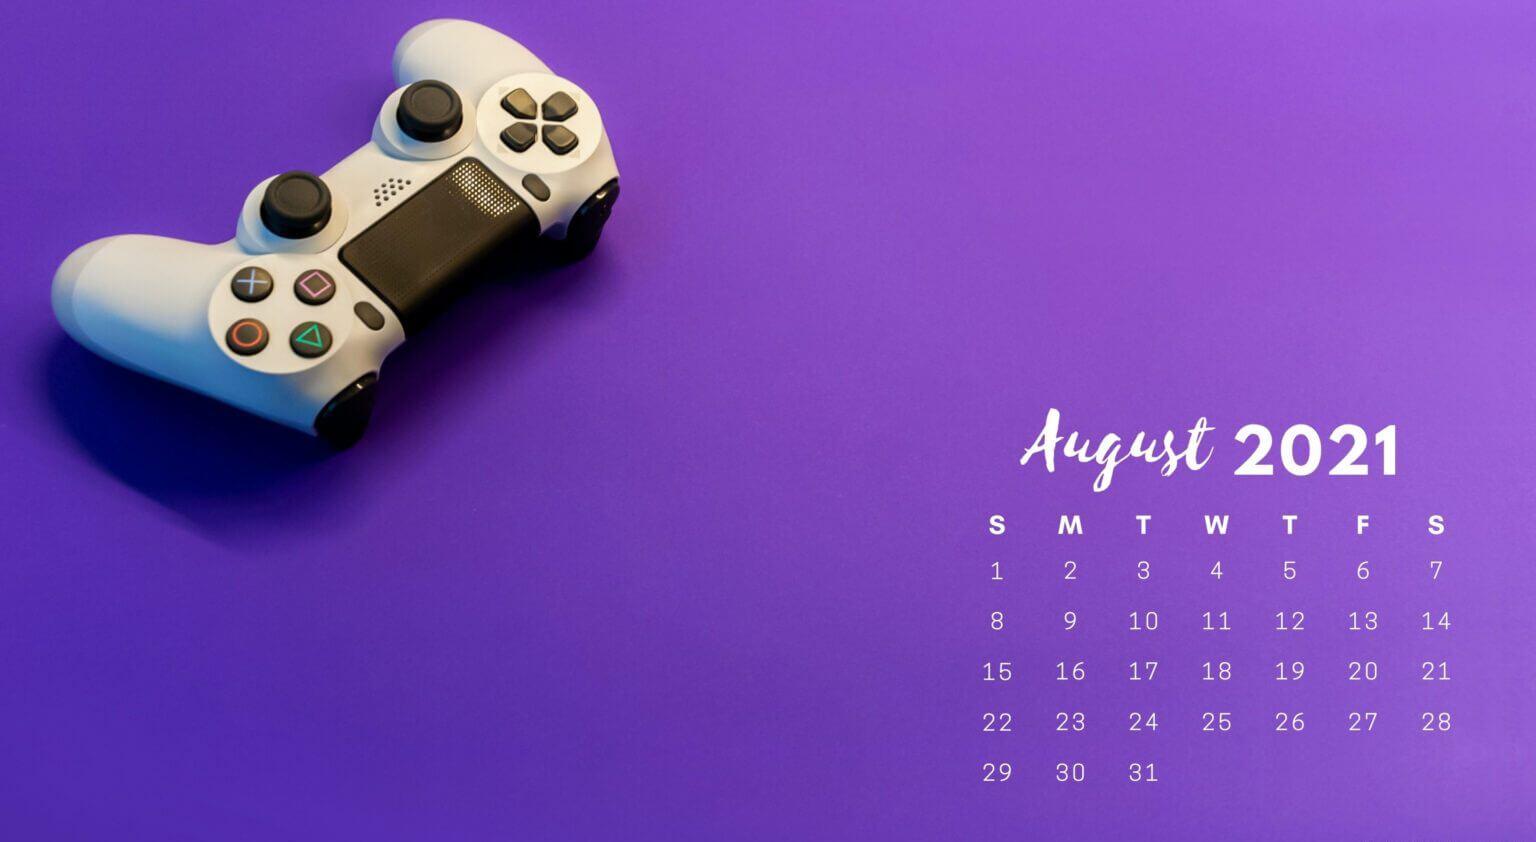 August 2021 Calendar Wallpaper For Laptop